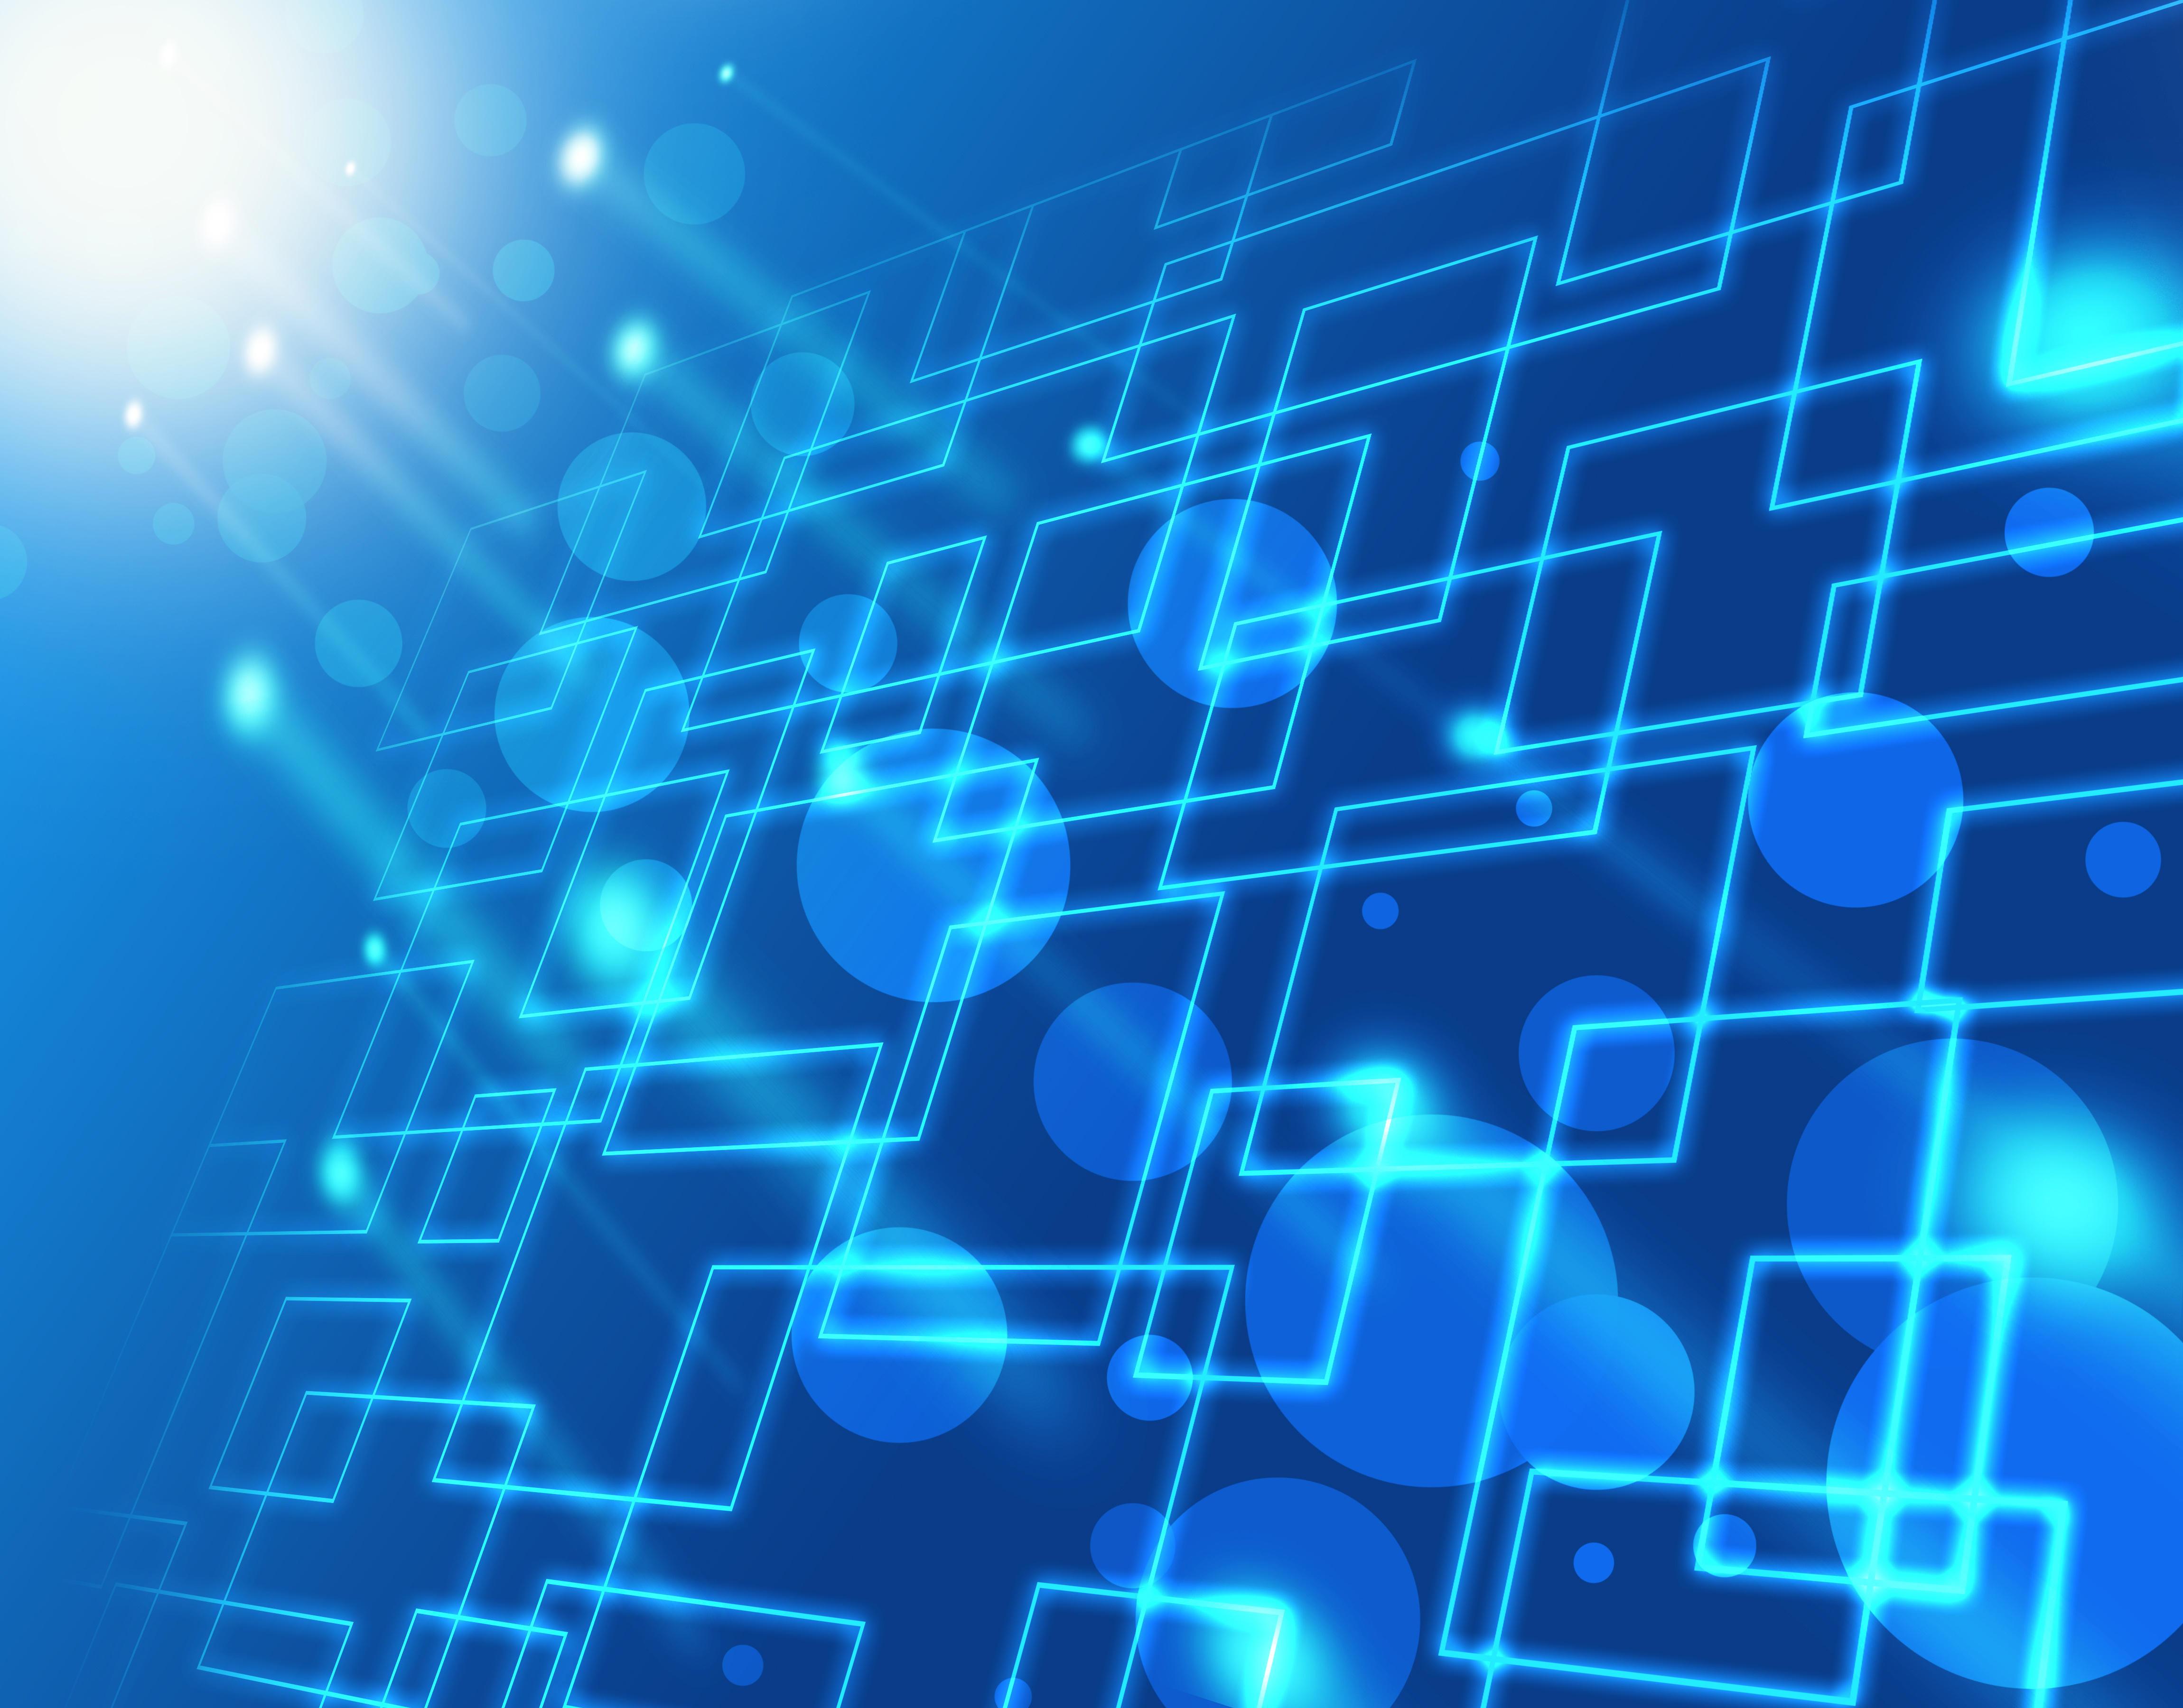 2018ナノ理工学セミナー 「量子の世界とナノテクノロジー」